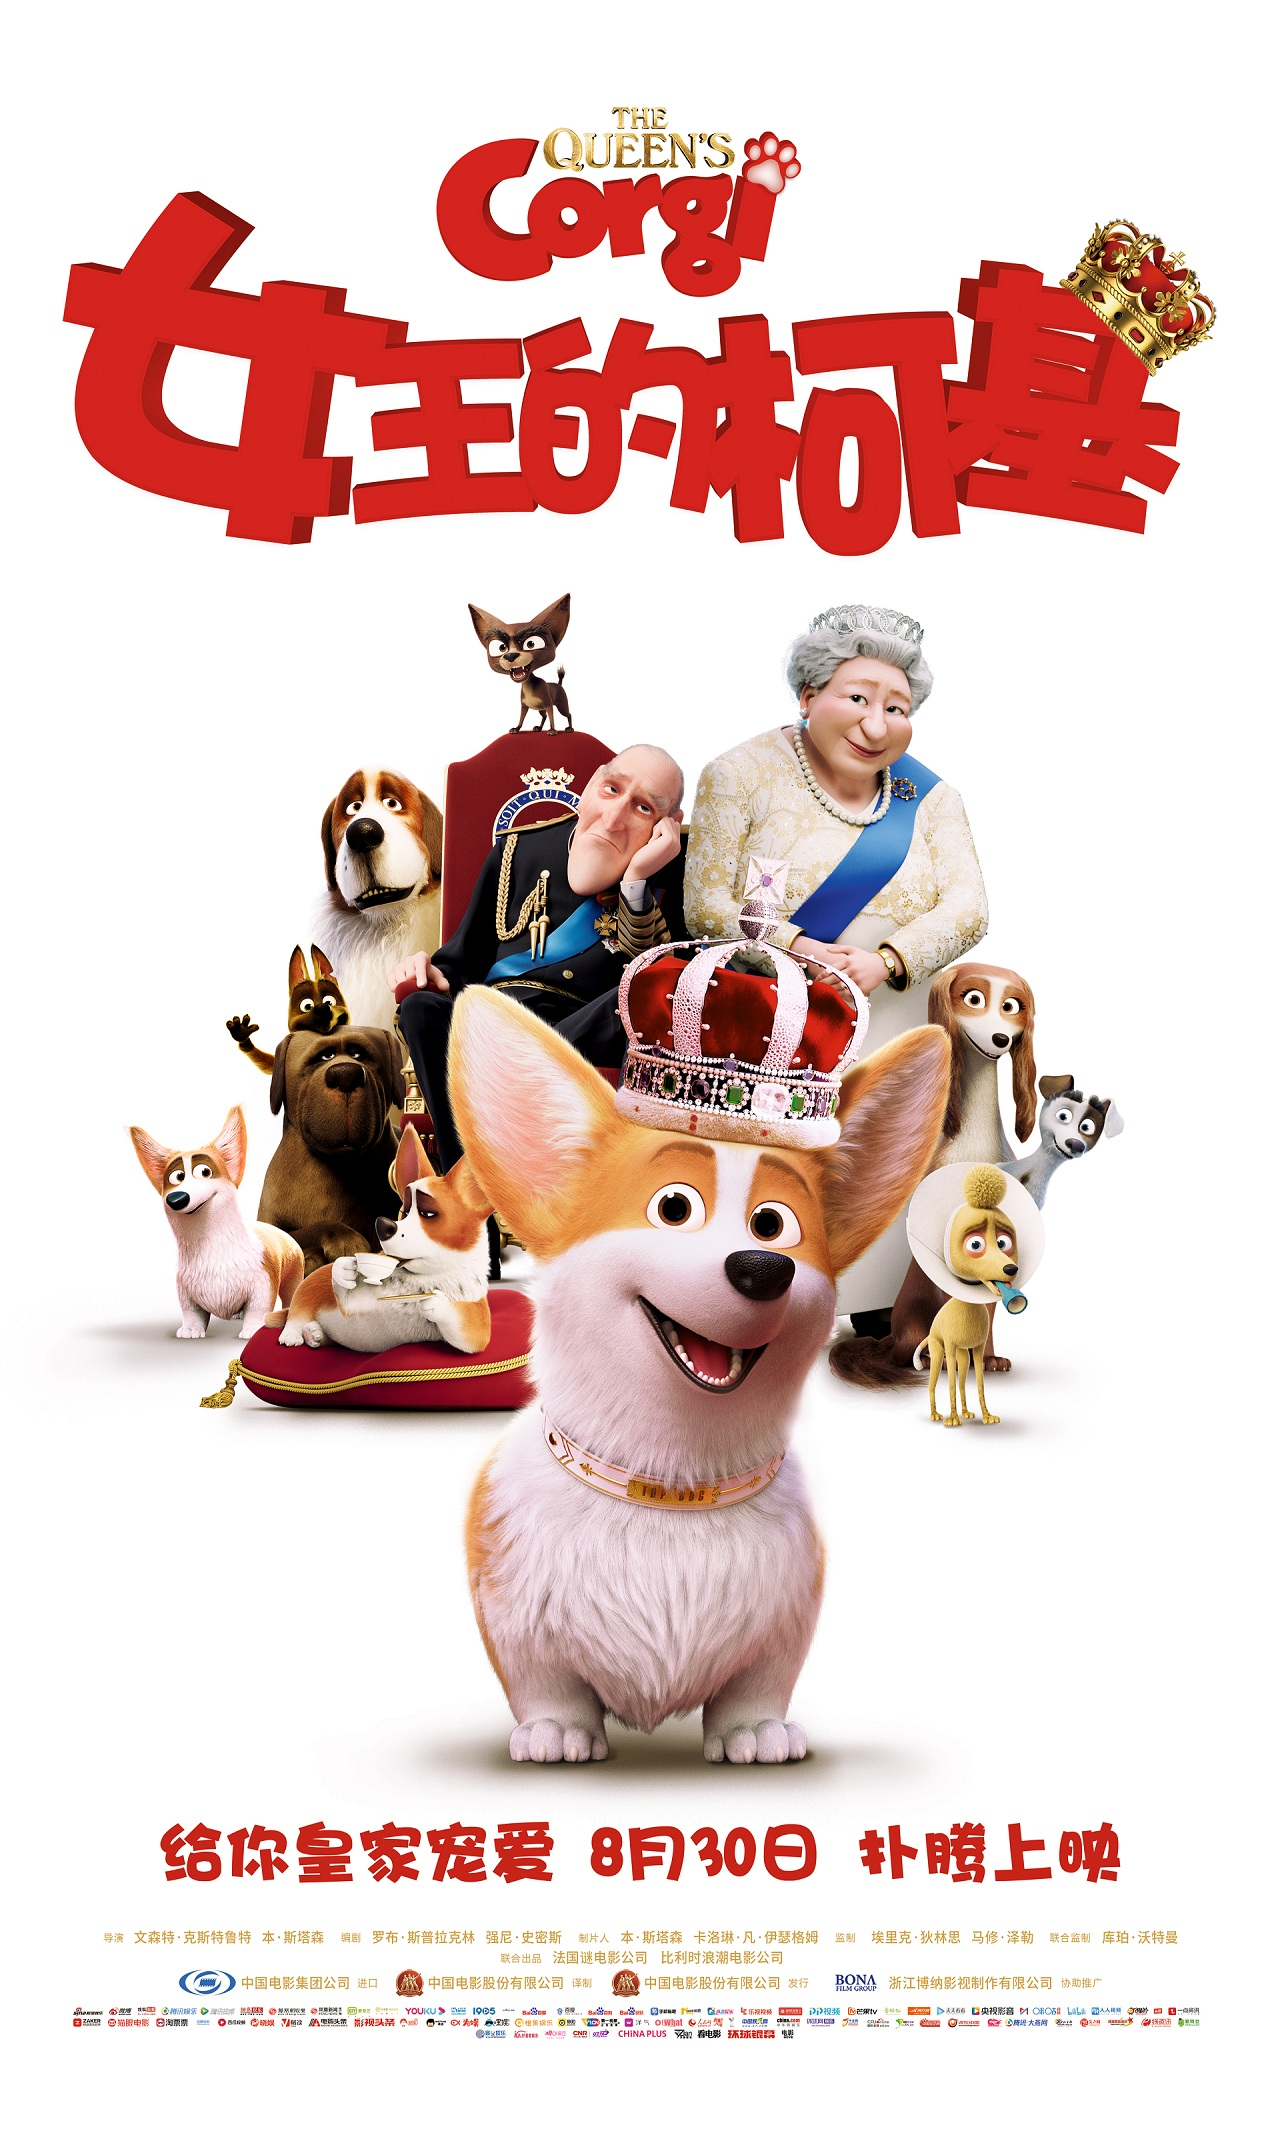 《女王的柯基》首映 被评狗狗们的宫斗剧